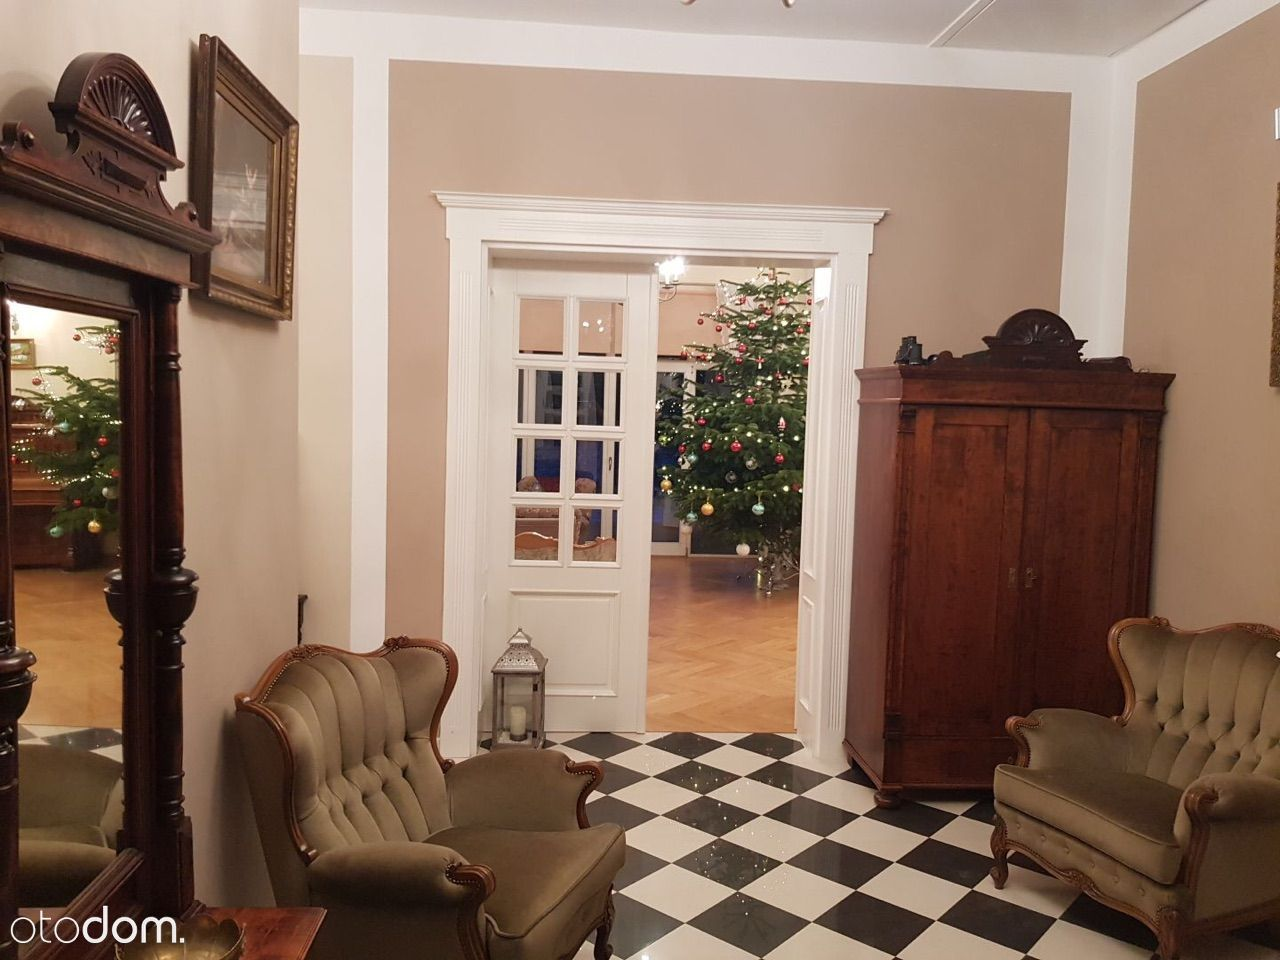 Dom na sprzedaż, Wda, starogardzki, pomorskie - Foto 17